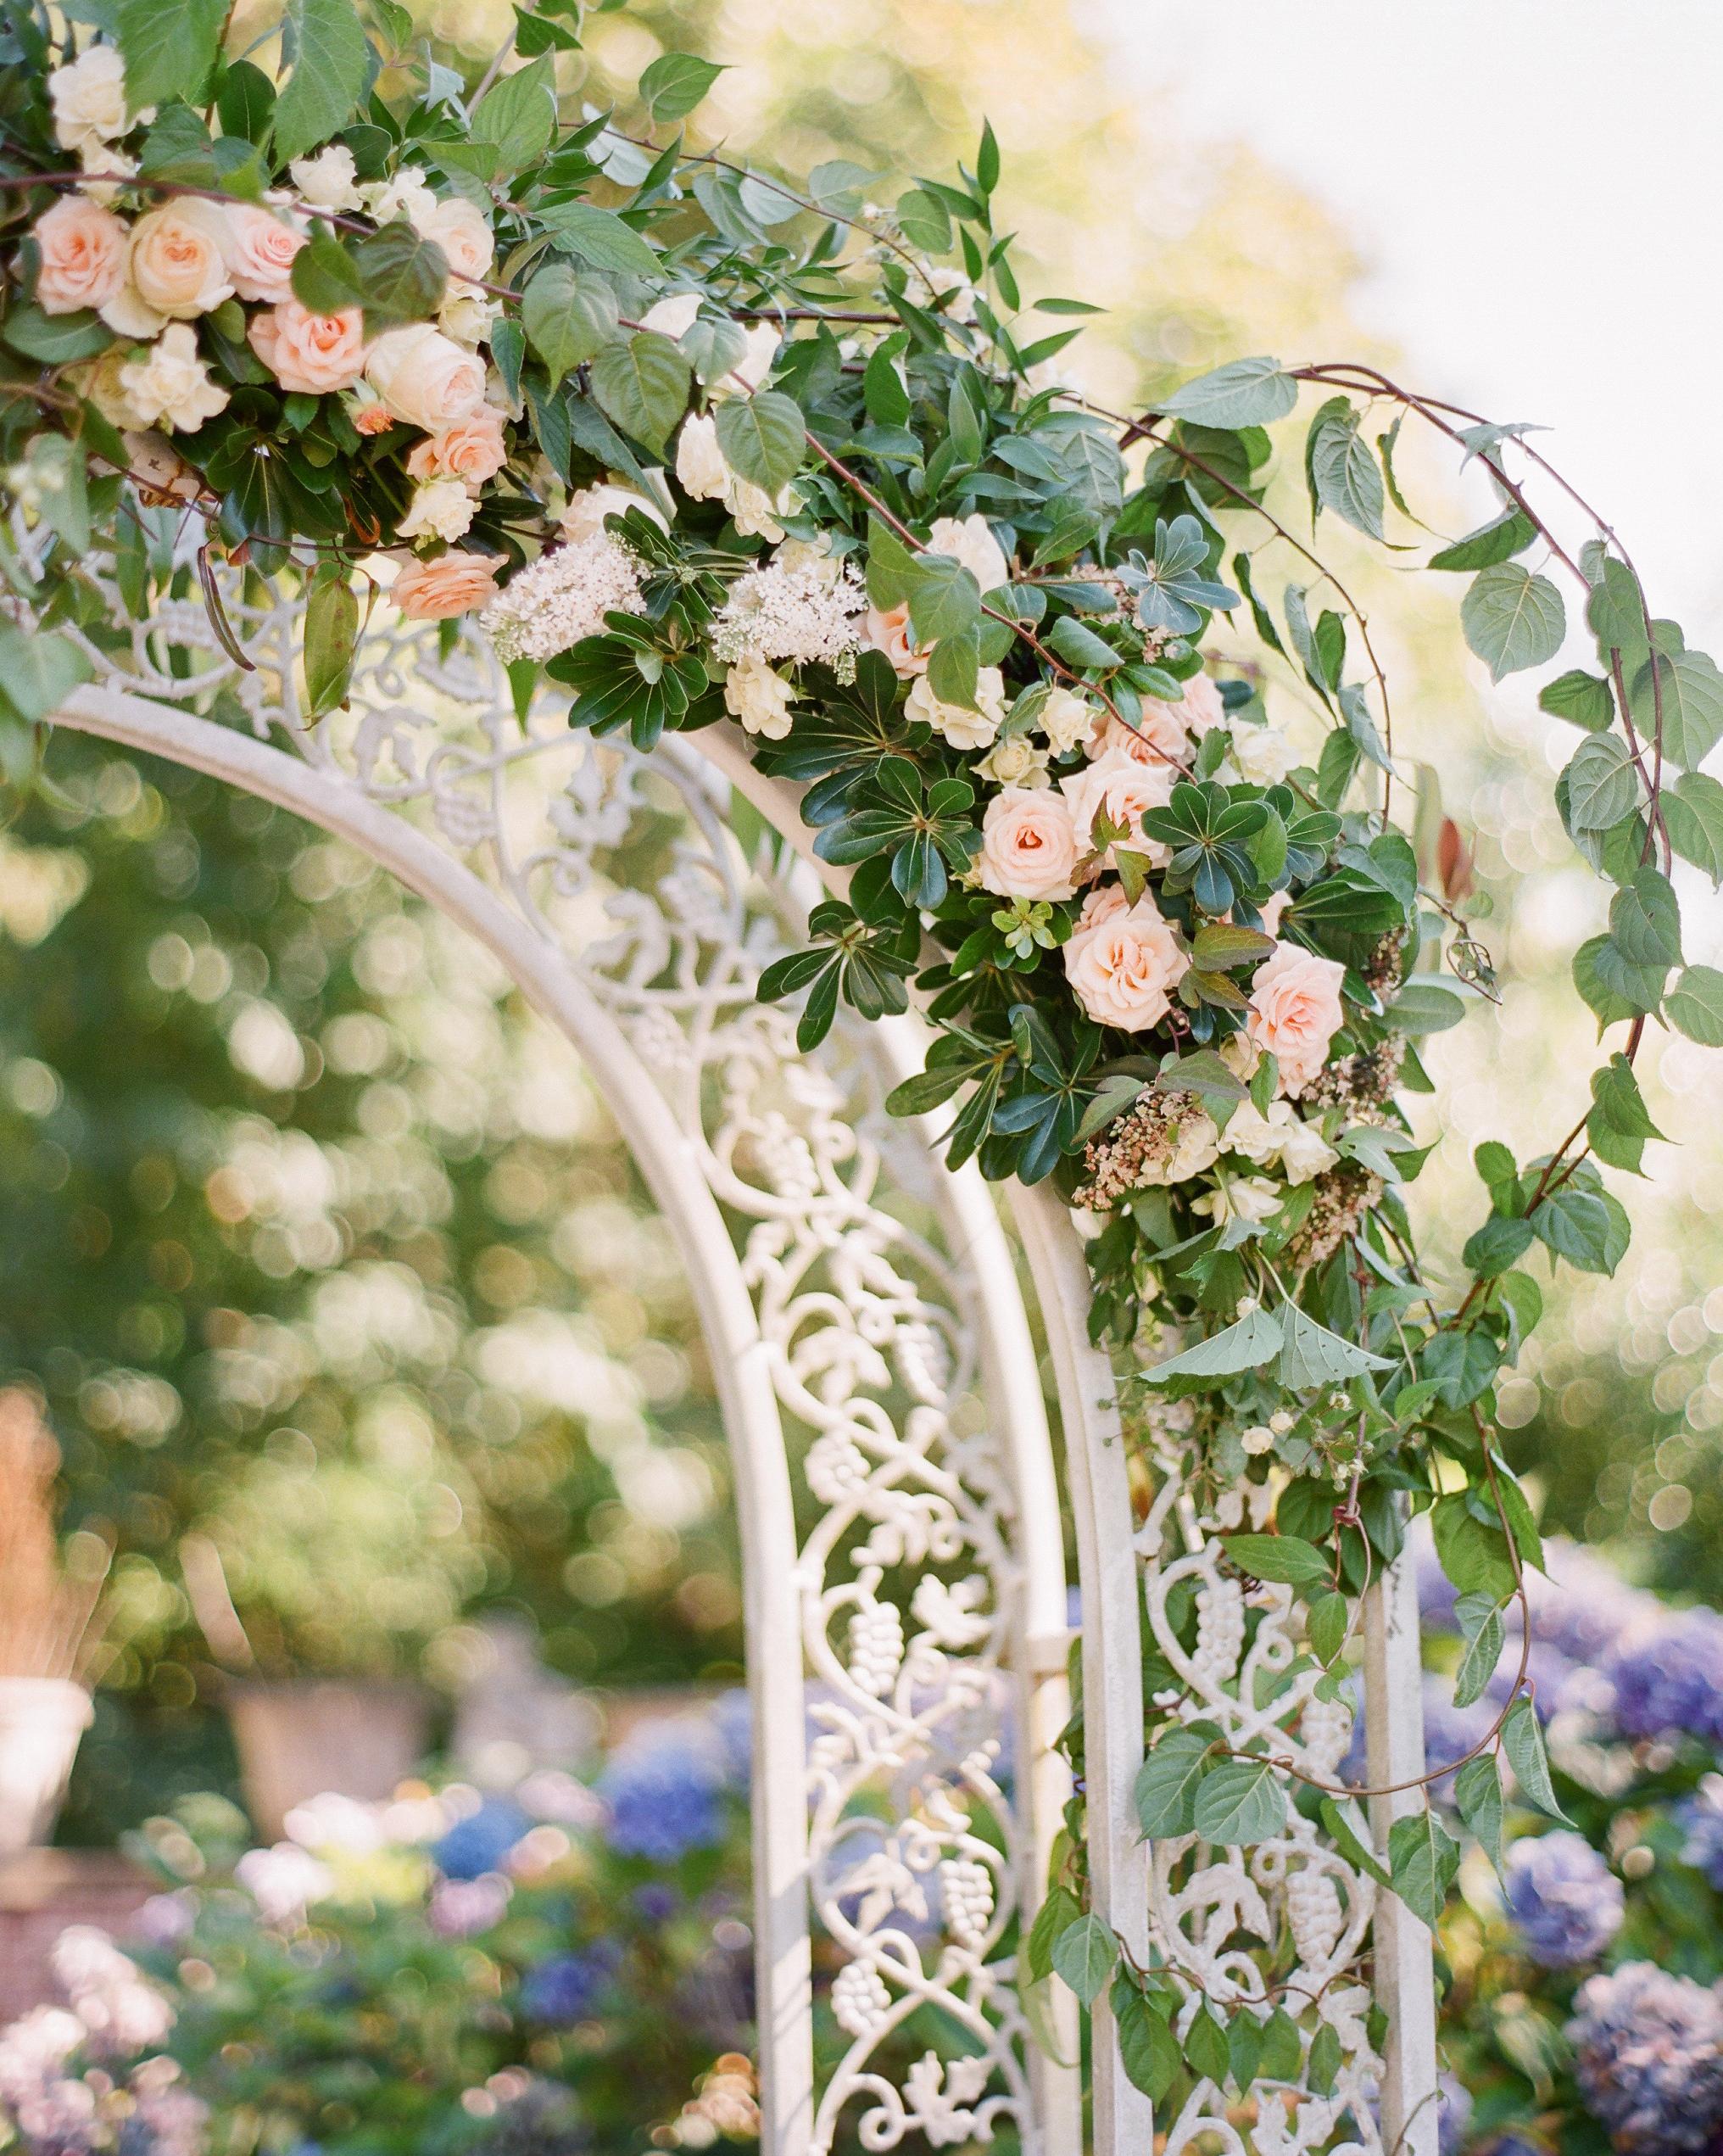 bomi-billy-wedding-arch-0310-wds111105-0514.jpg